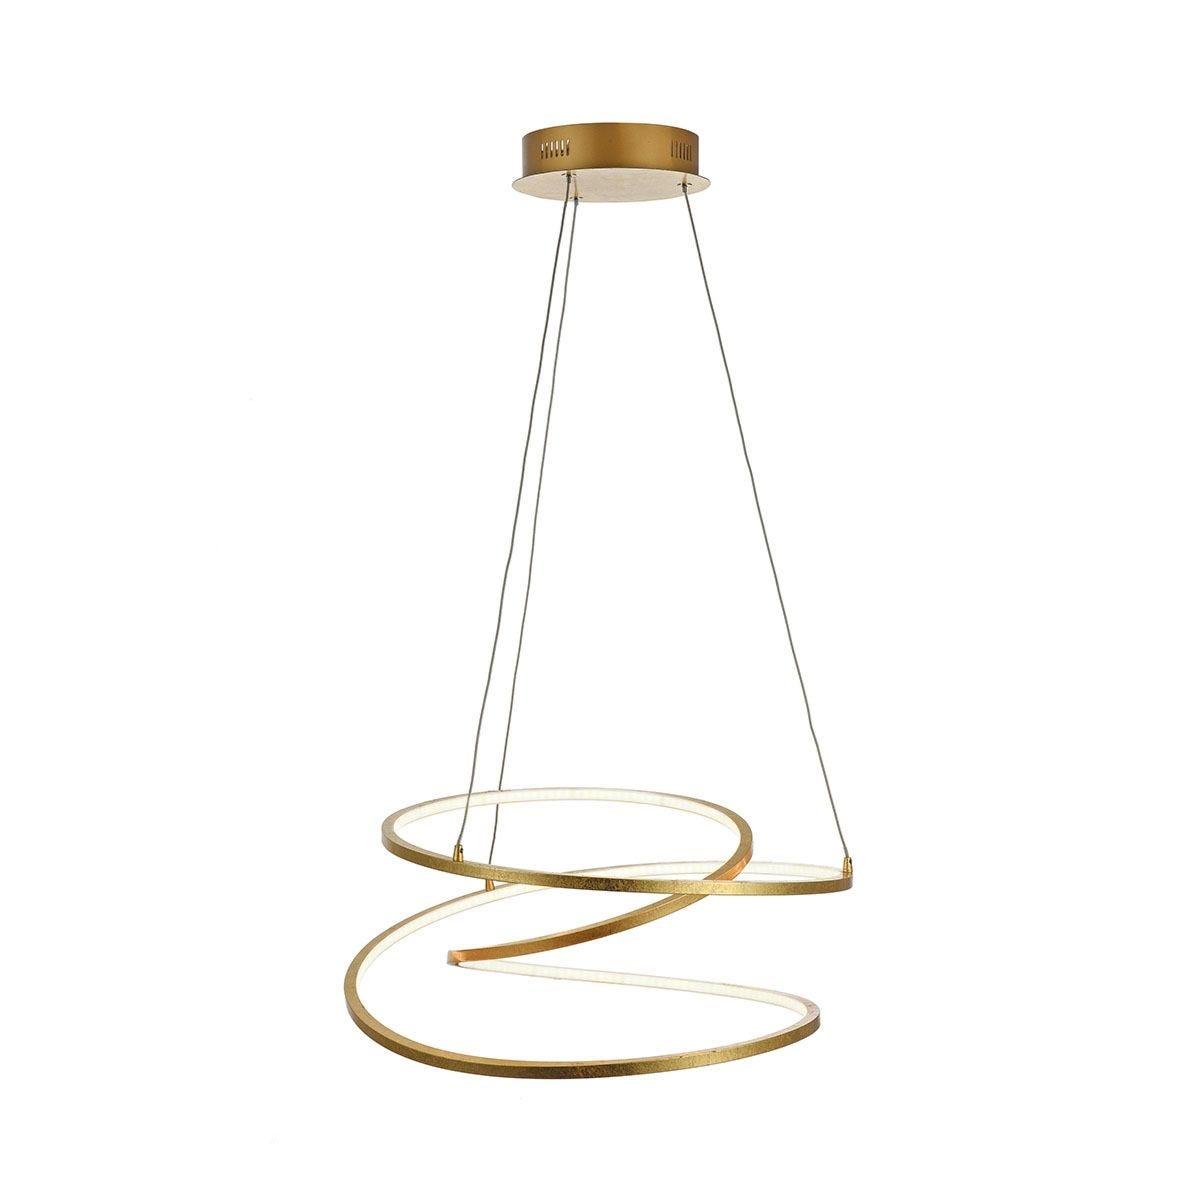 Wofi Loris Pendant Light - Golden - LED (48W)